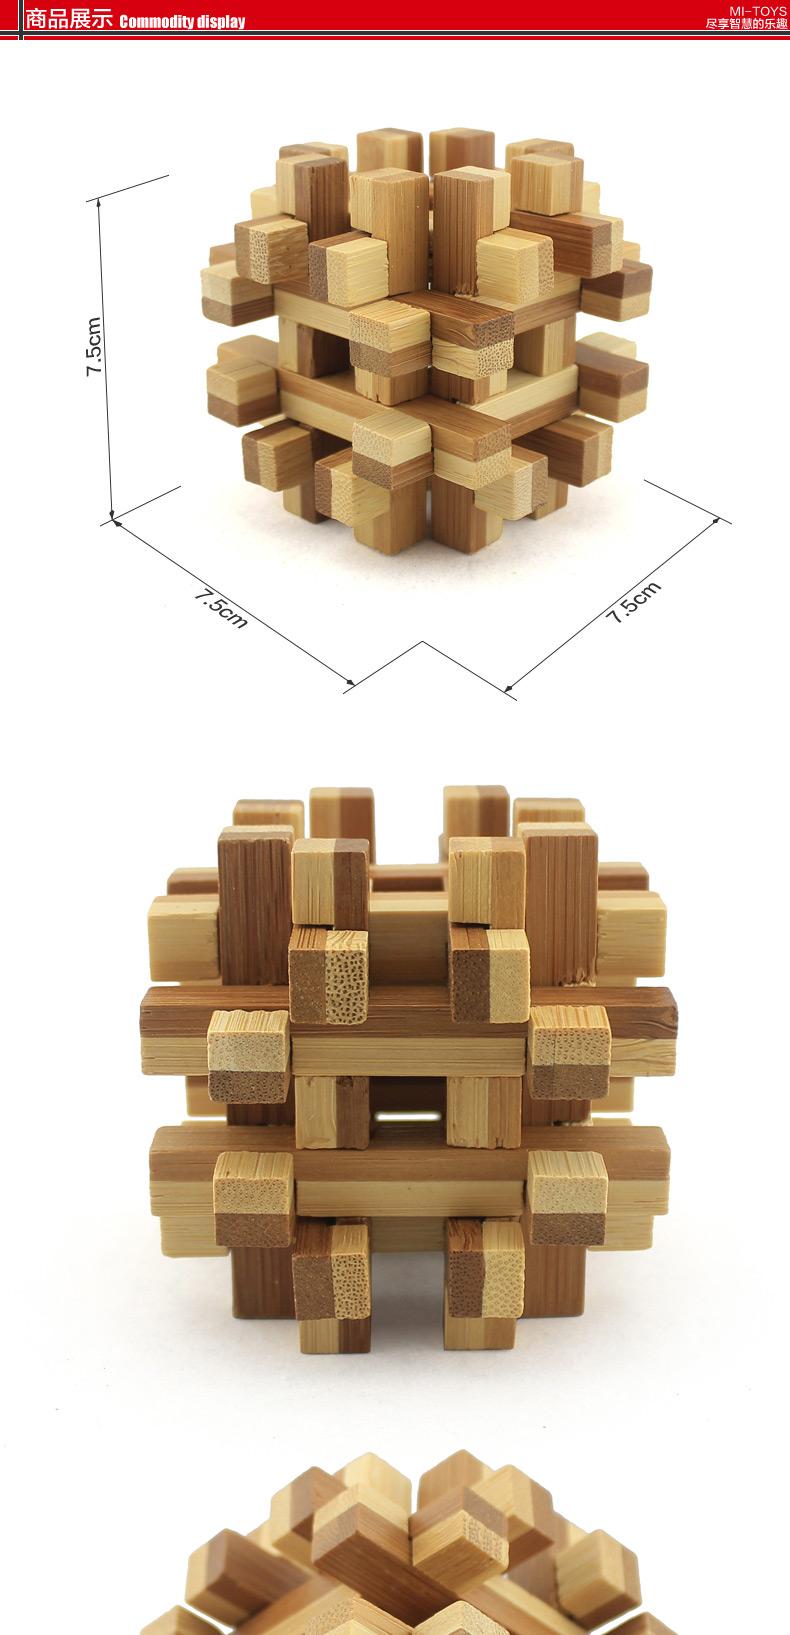 米米智玩 儿童木制孔明锁鲁班锁套装成人智力拆装玩具